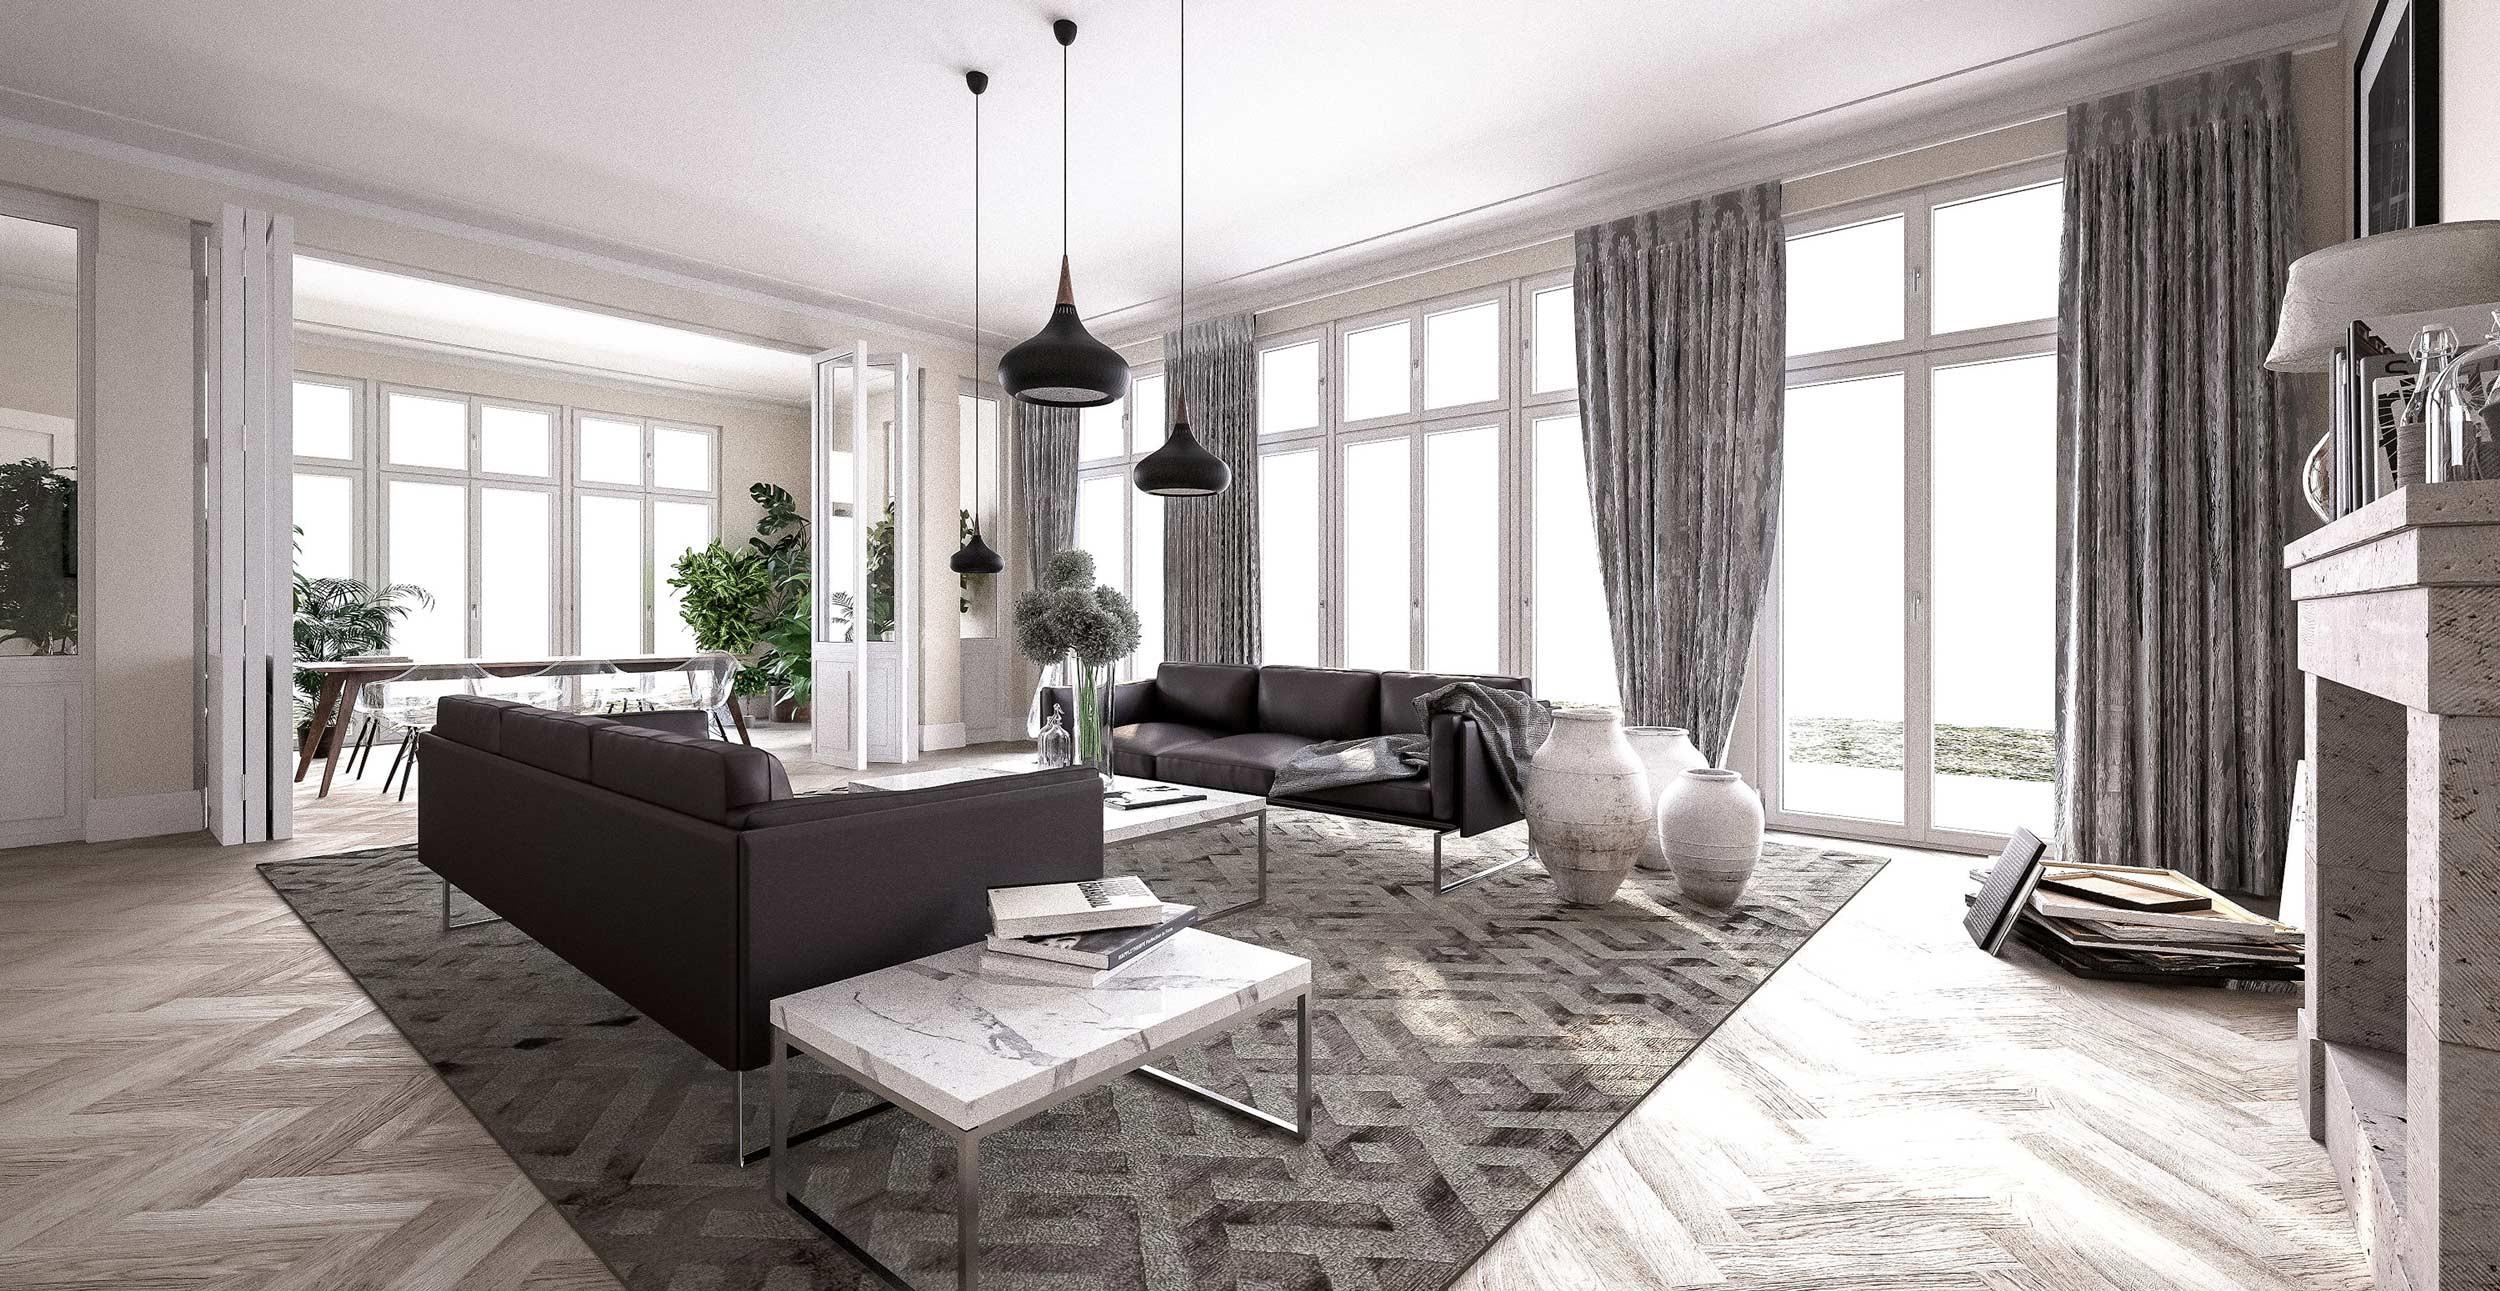 Neubau einer Villa im Klassik-Stil mit Mittelrisalit in Potsdam - Der Wohn- und Essbereich zum Garten ist nahezu vollverglast.